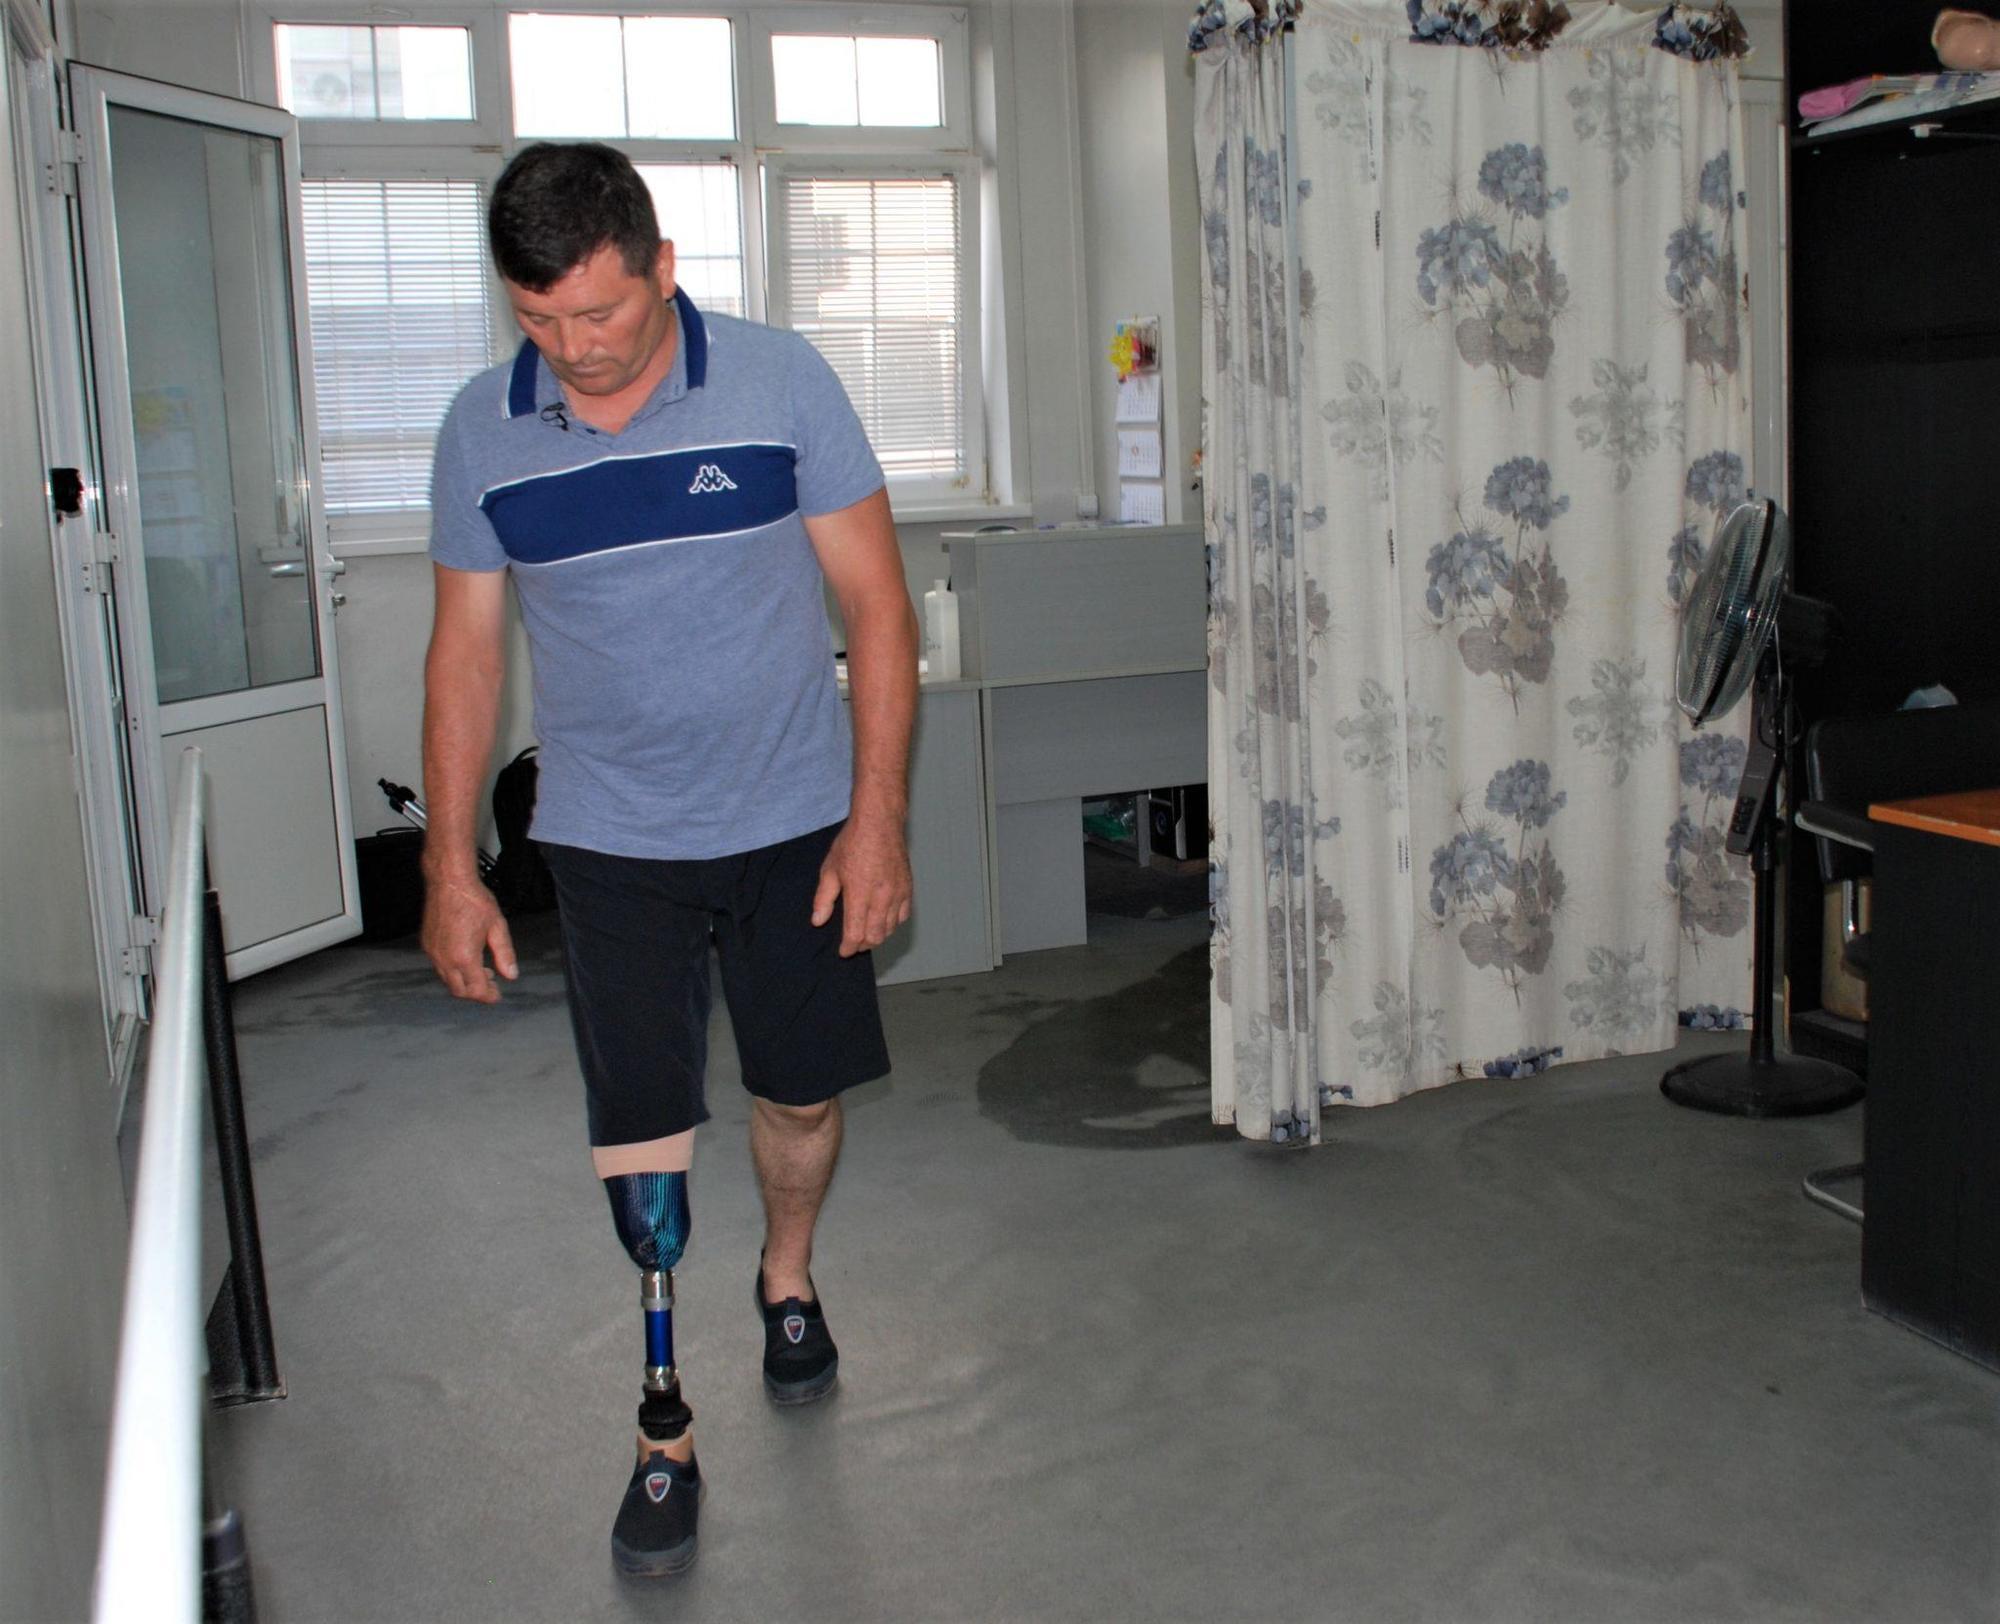 Олександр Небера протез ноги Ottobock